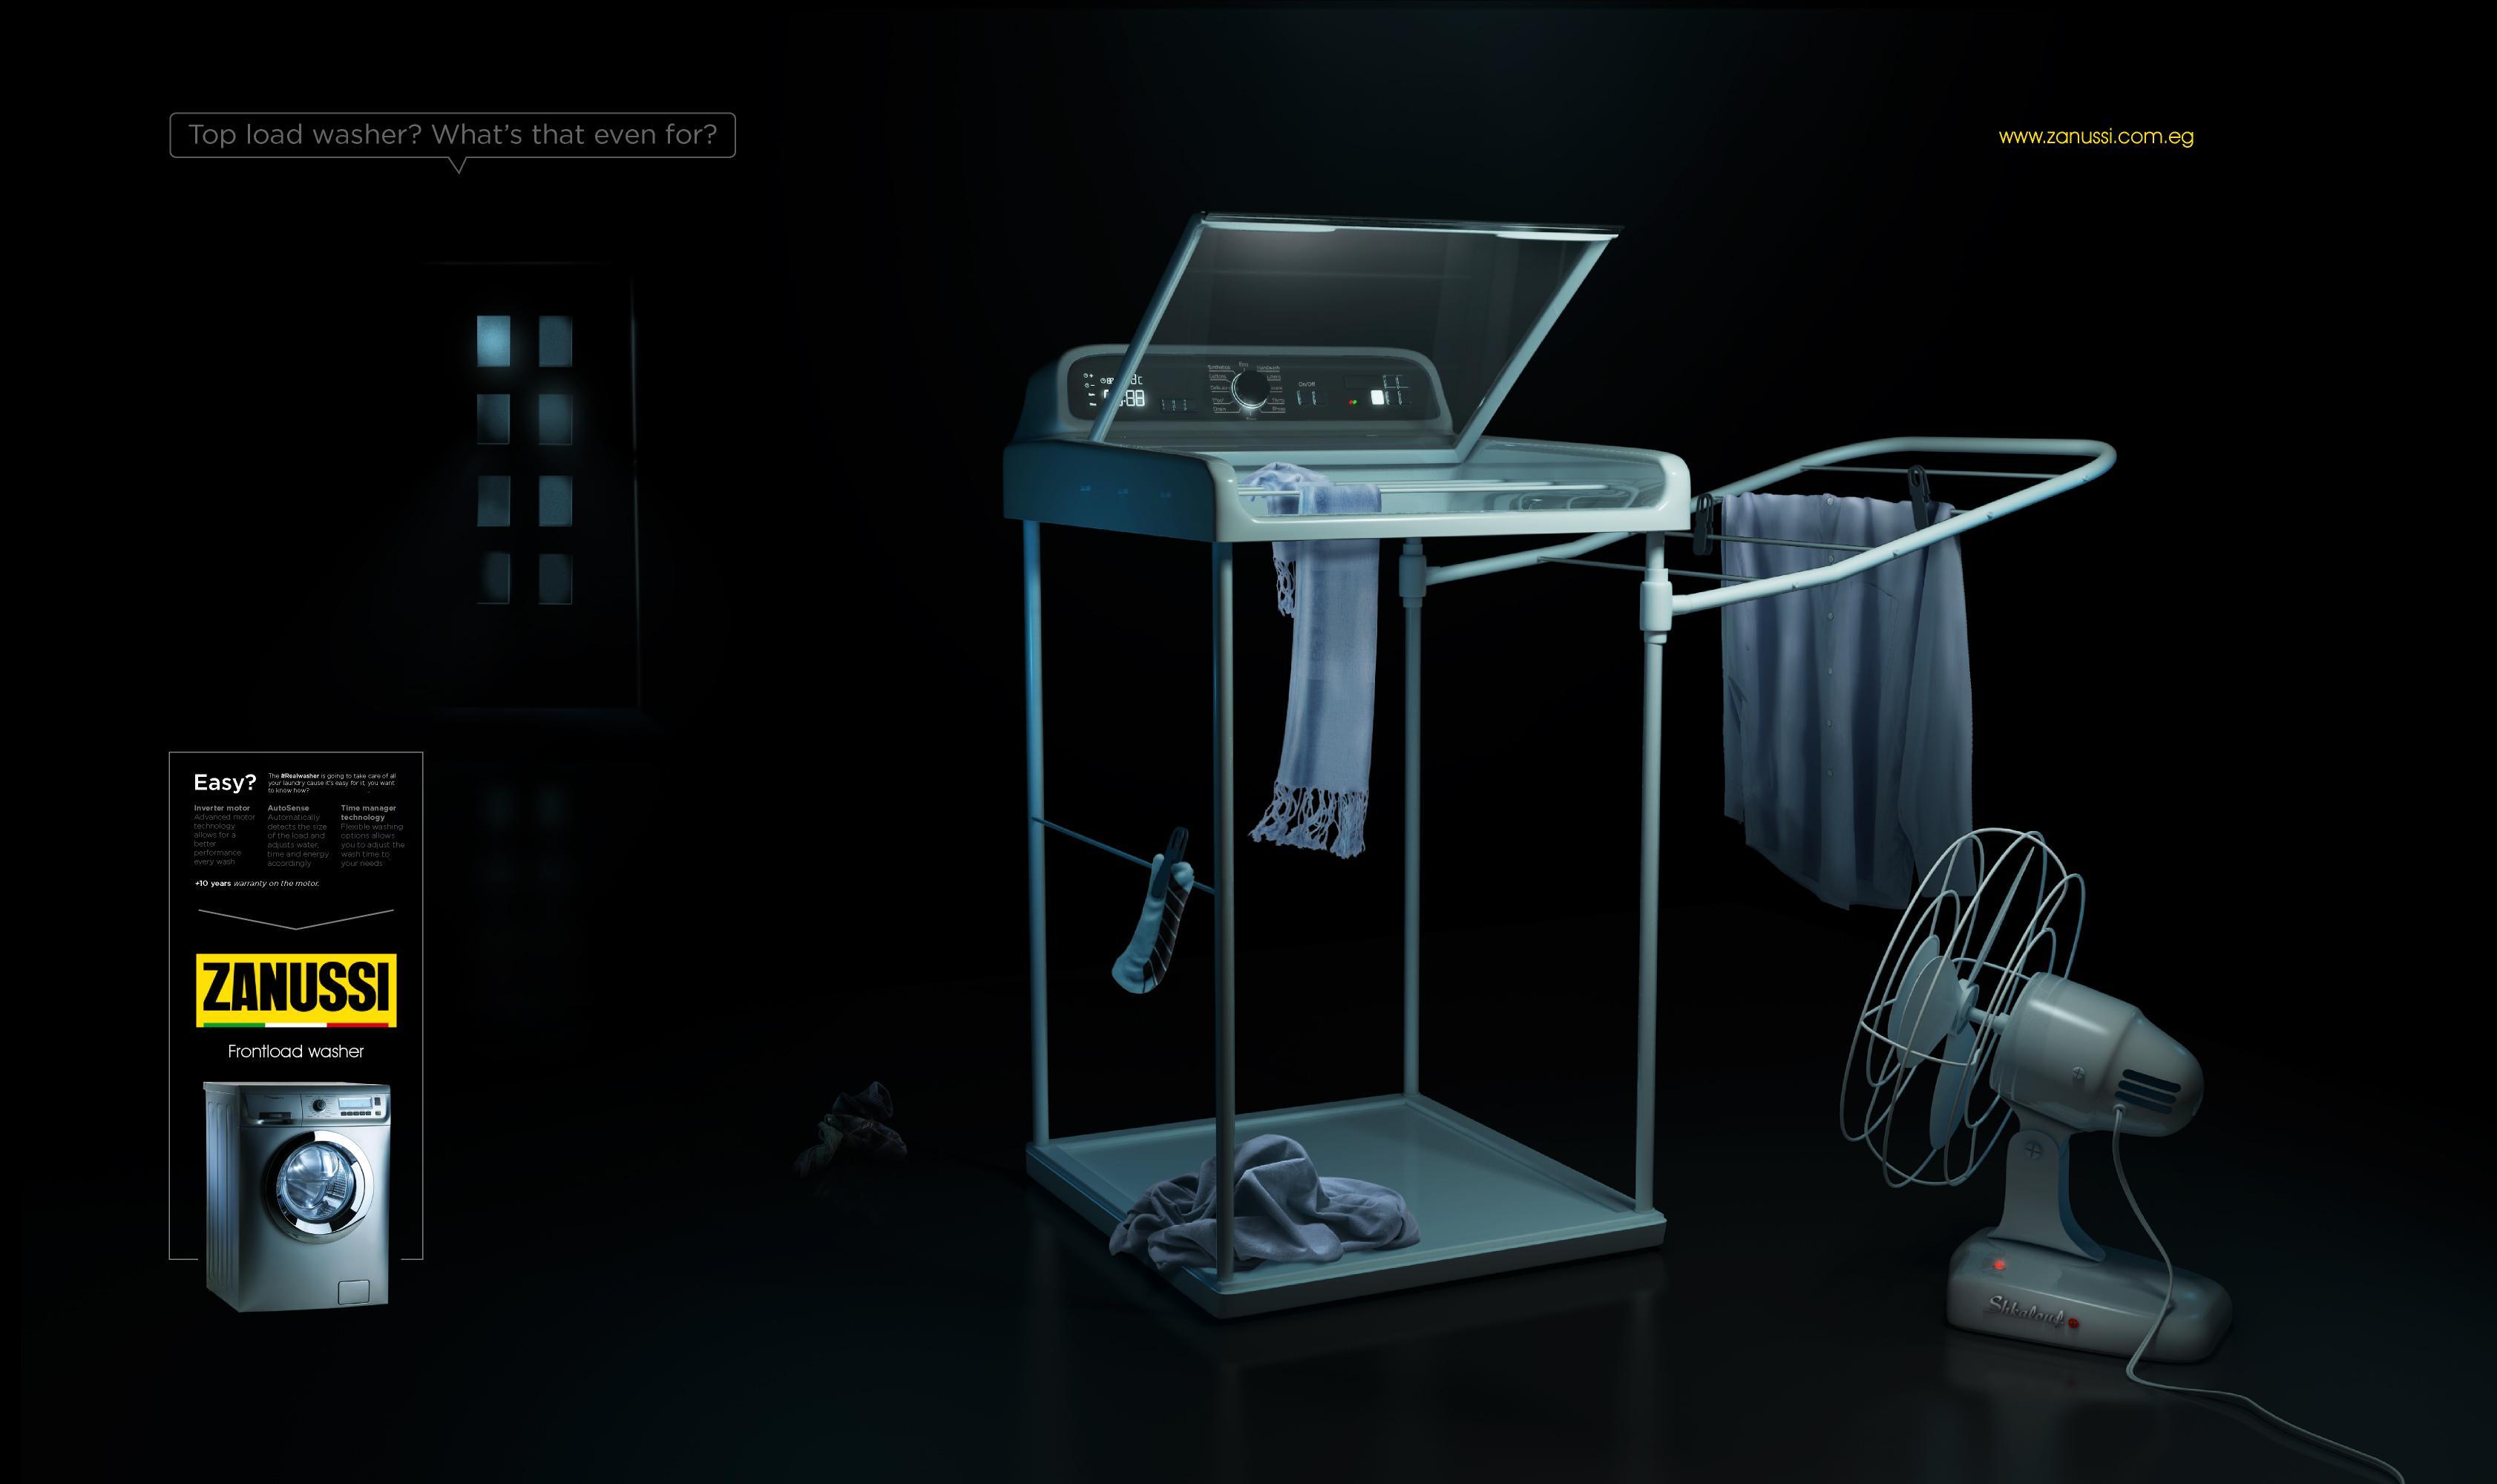 Zanussi Print Ad - Washer Won't Wash!, 2